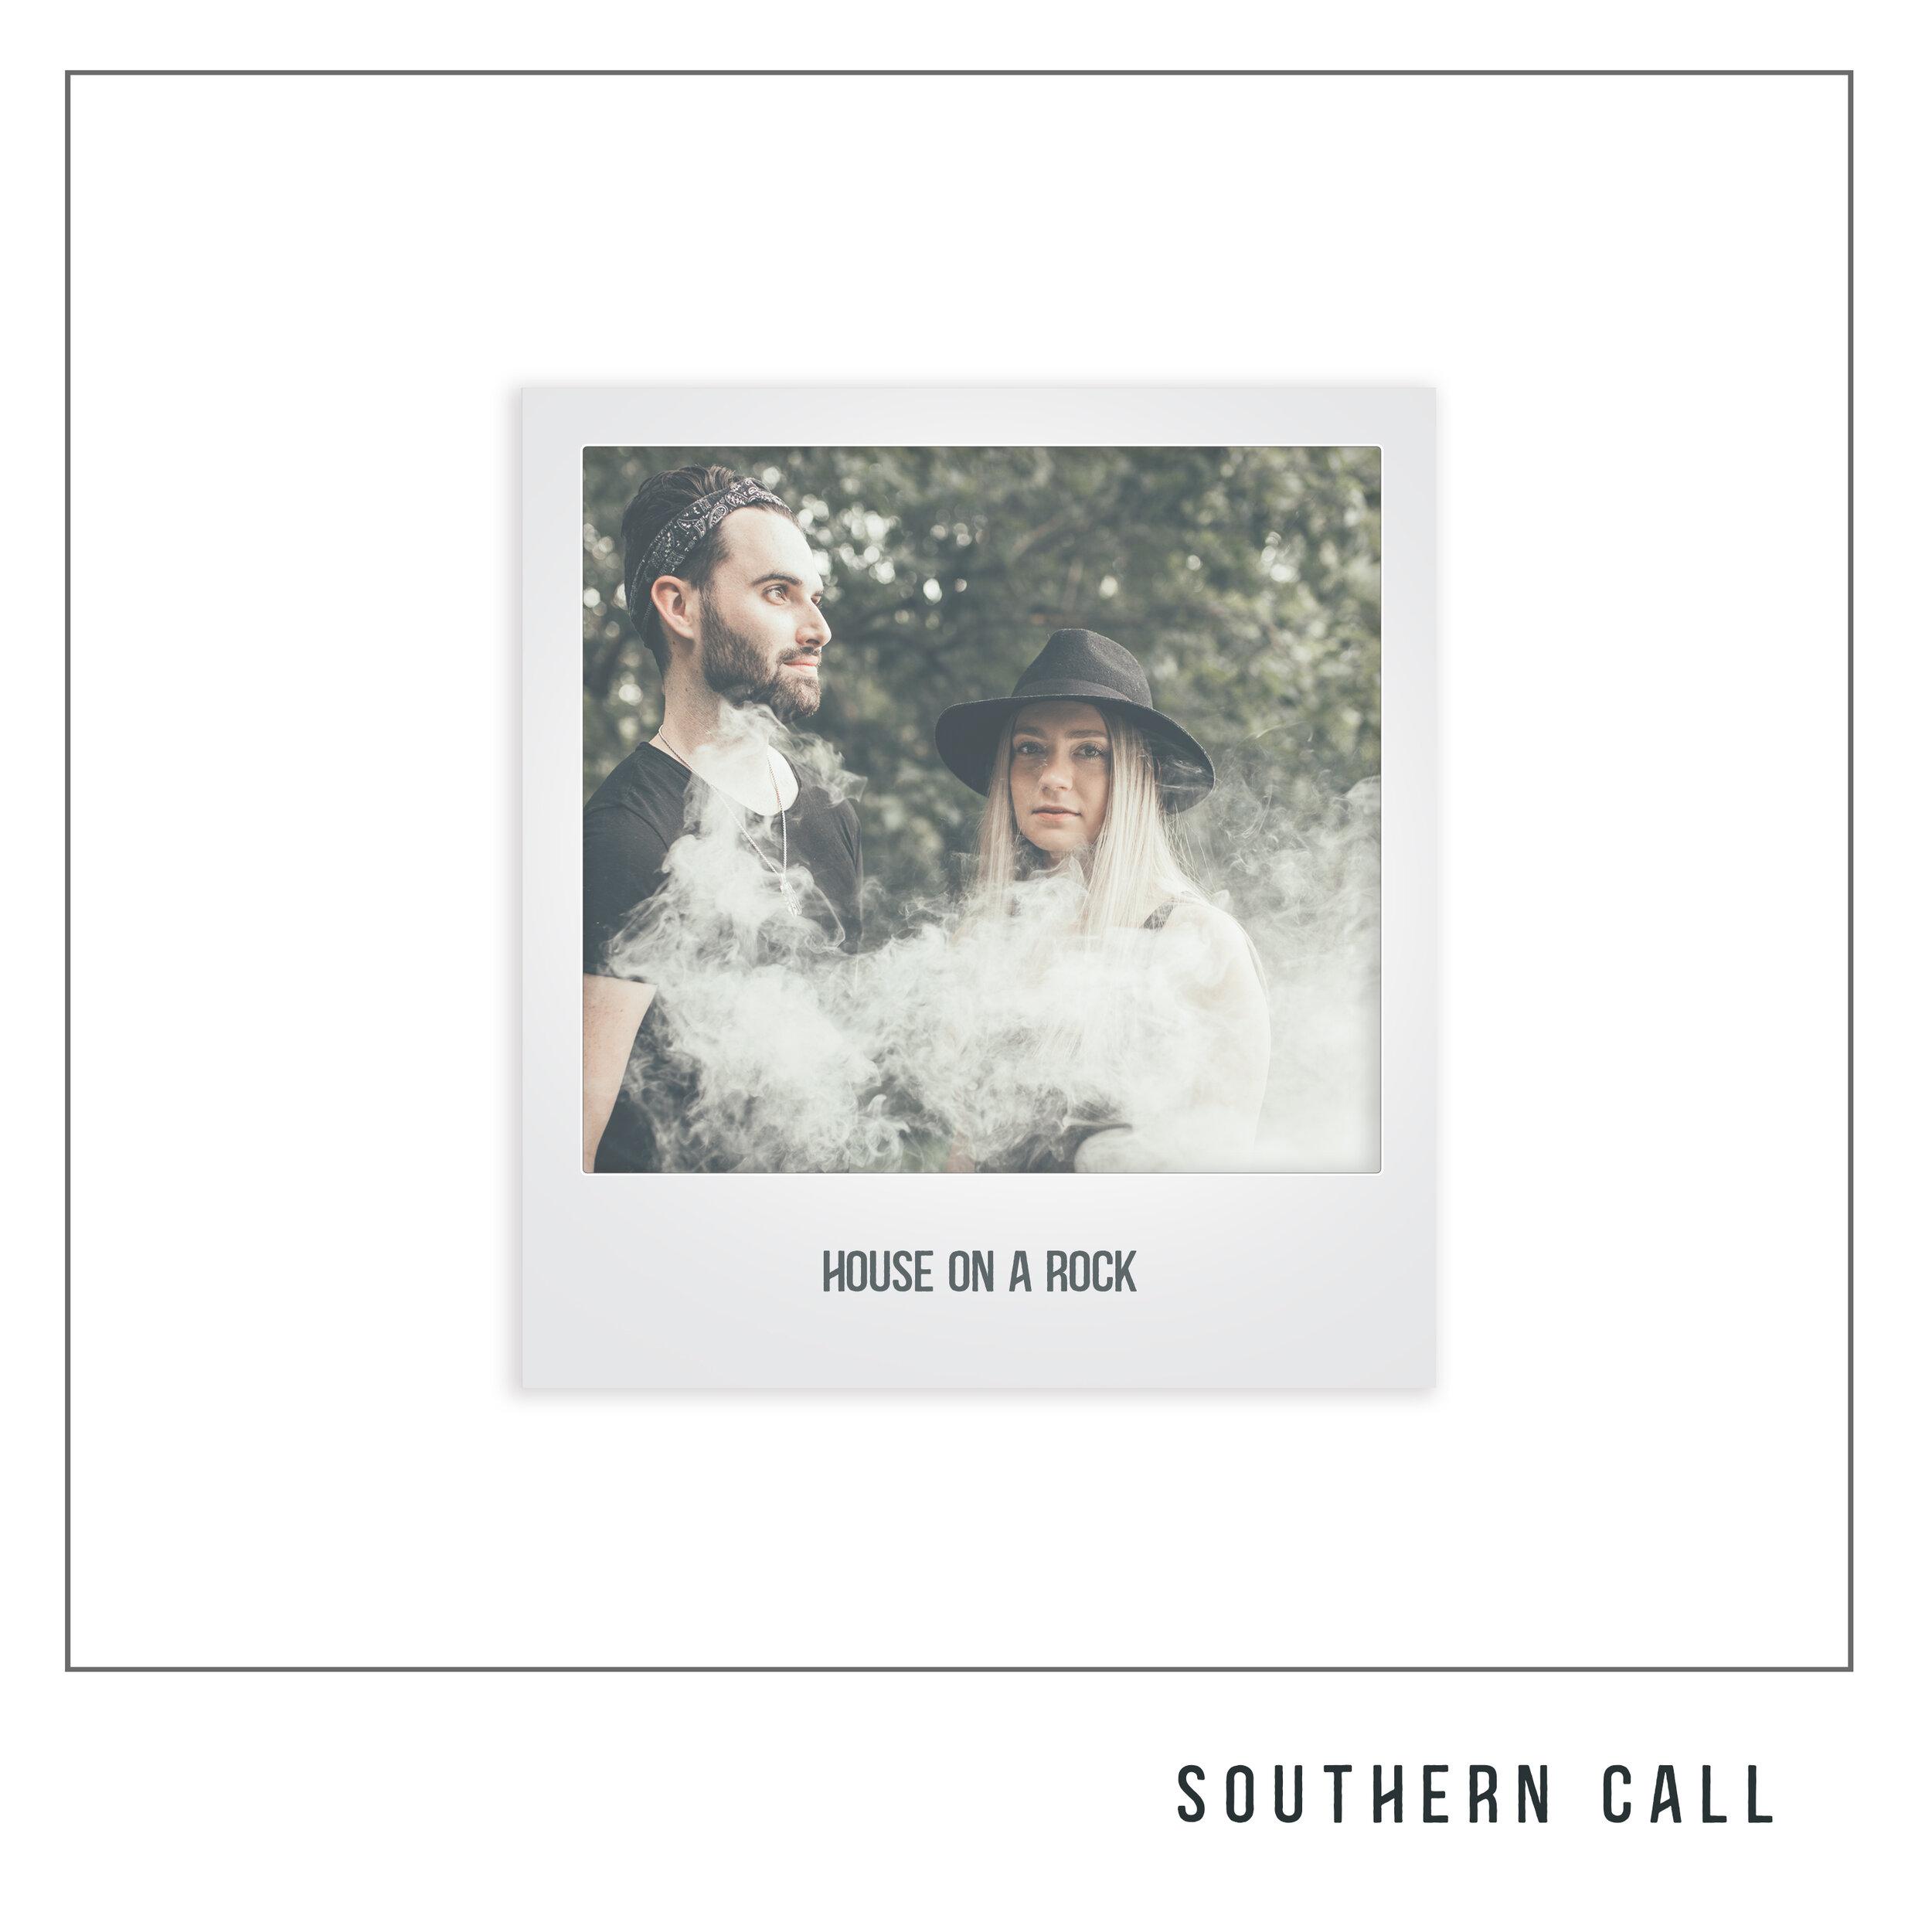 SouthernCall_houseonrock3000.jpg